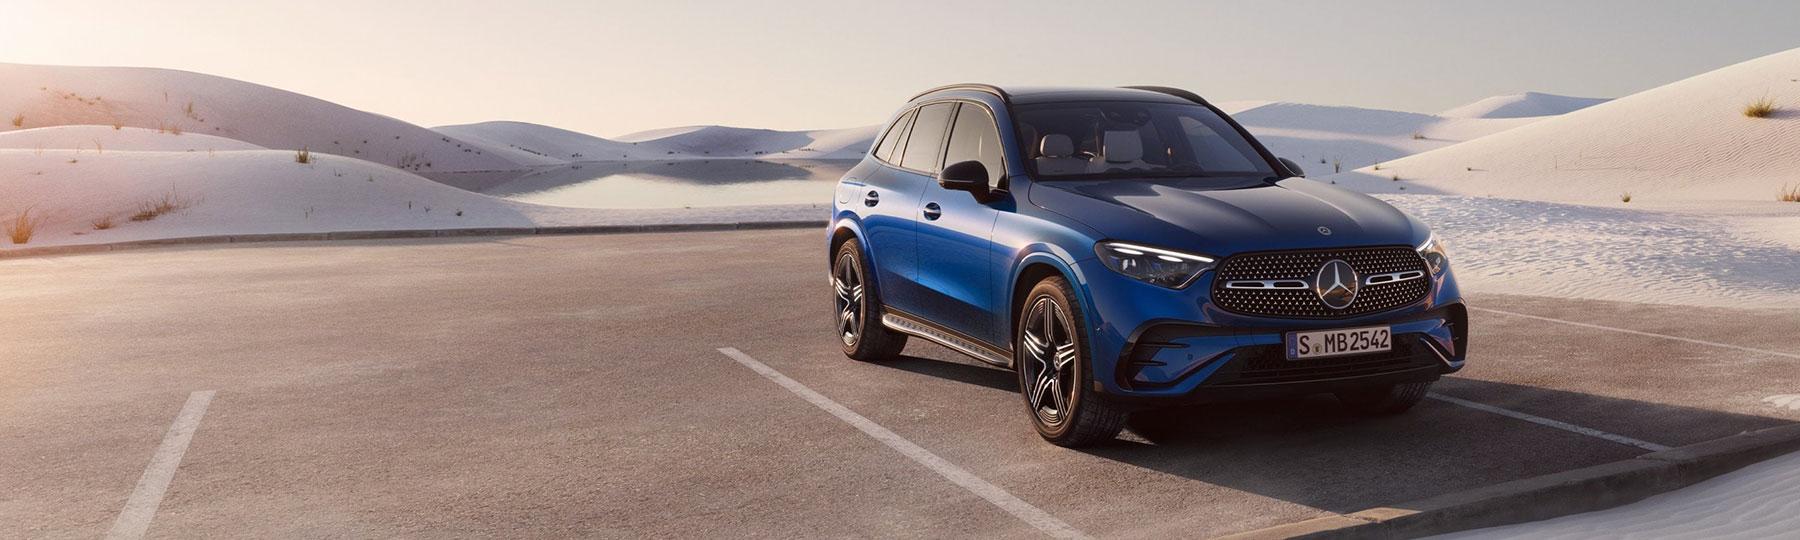 New Mercedes-Benz GLC Business Offer